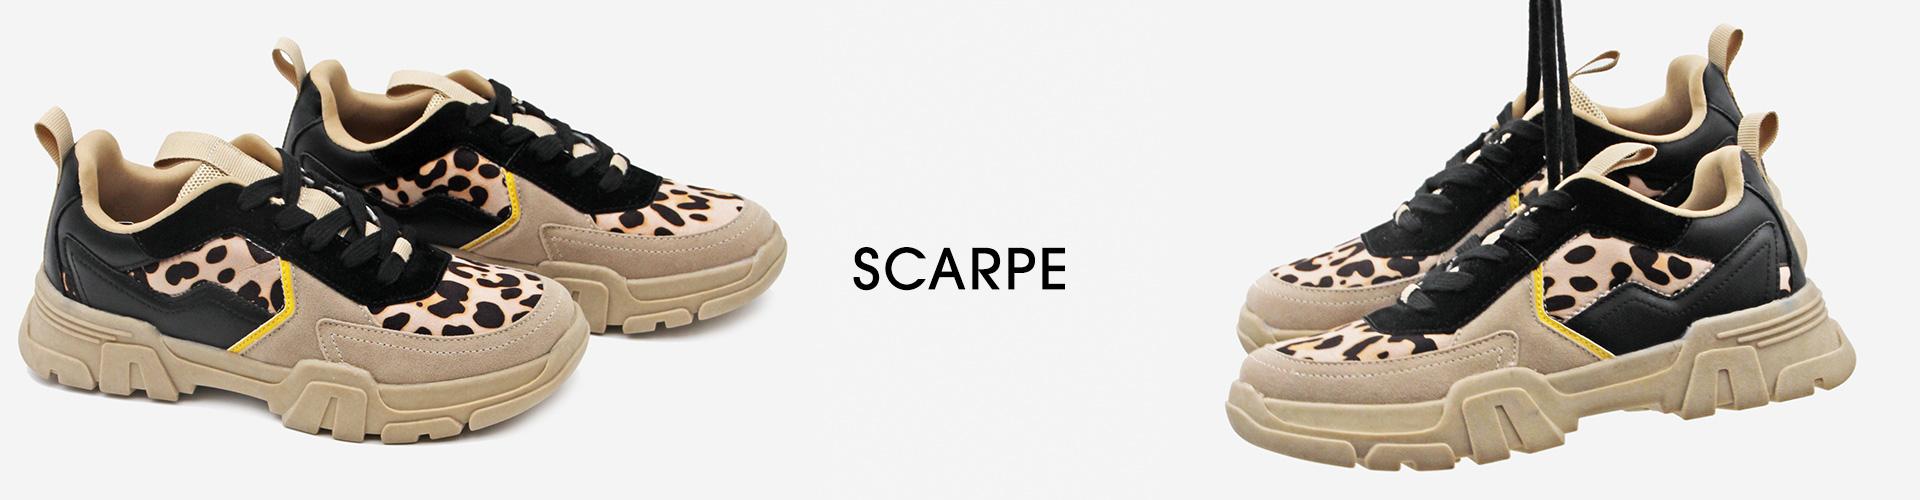 buy popular 20dae 1728b Scarpe Donna: sandali e sneakers | Acquista online su Alcott